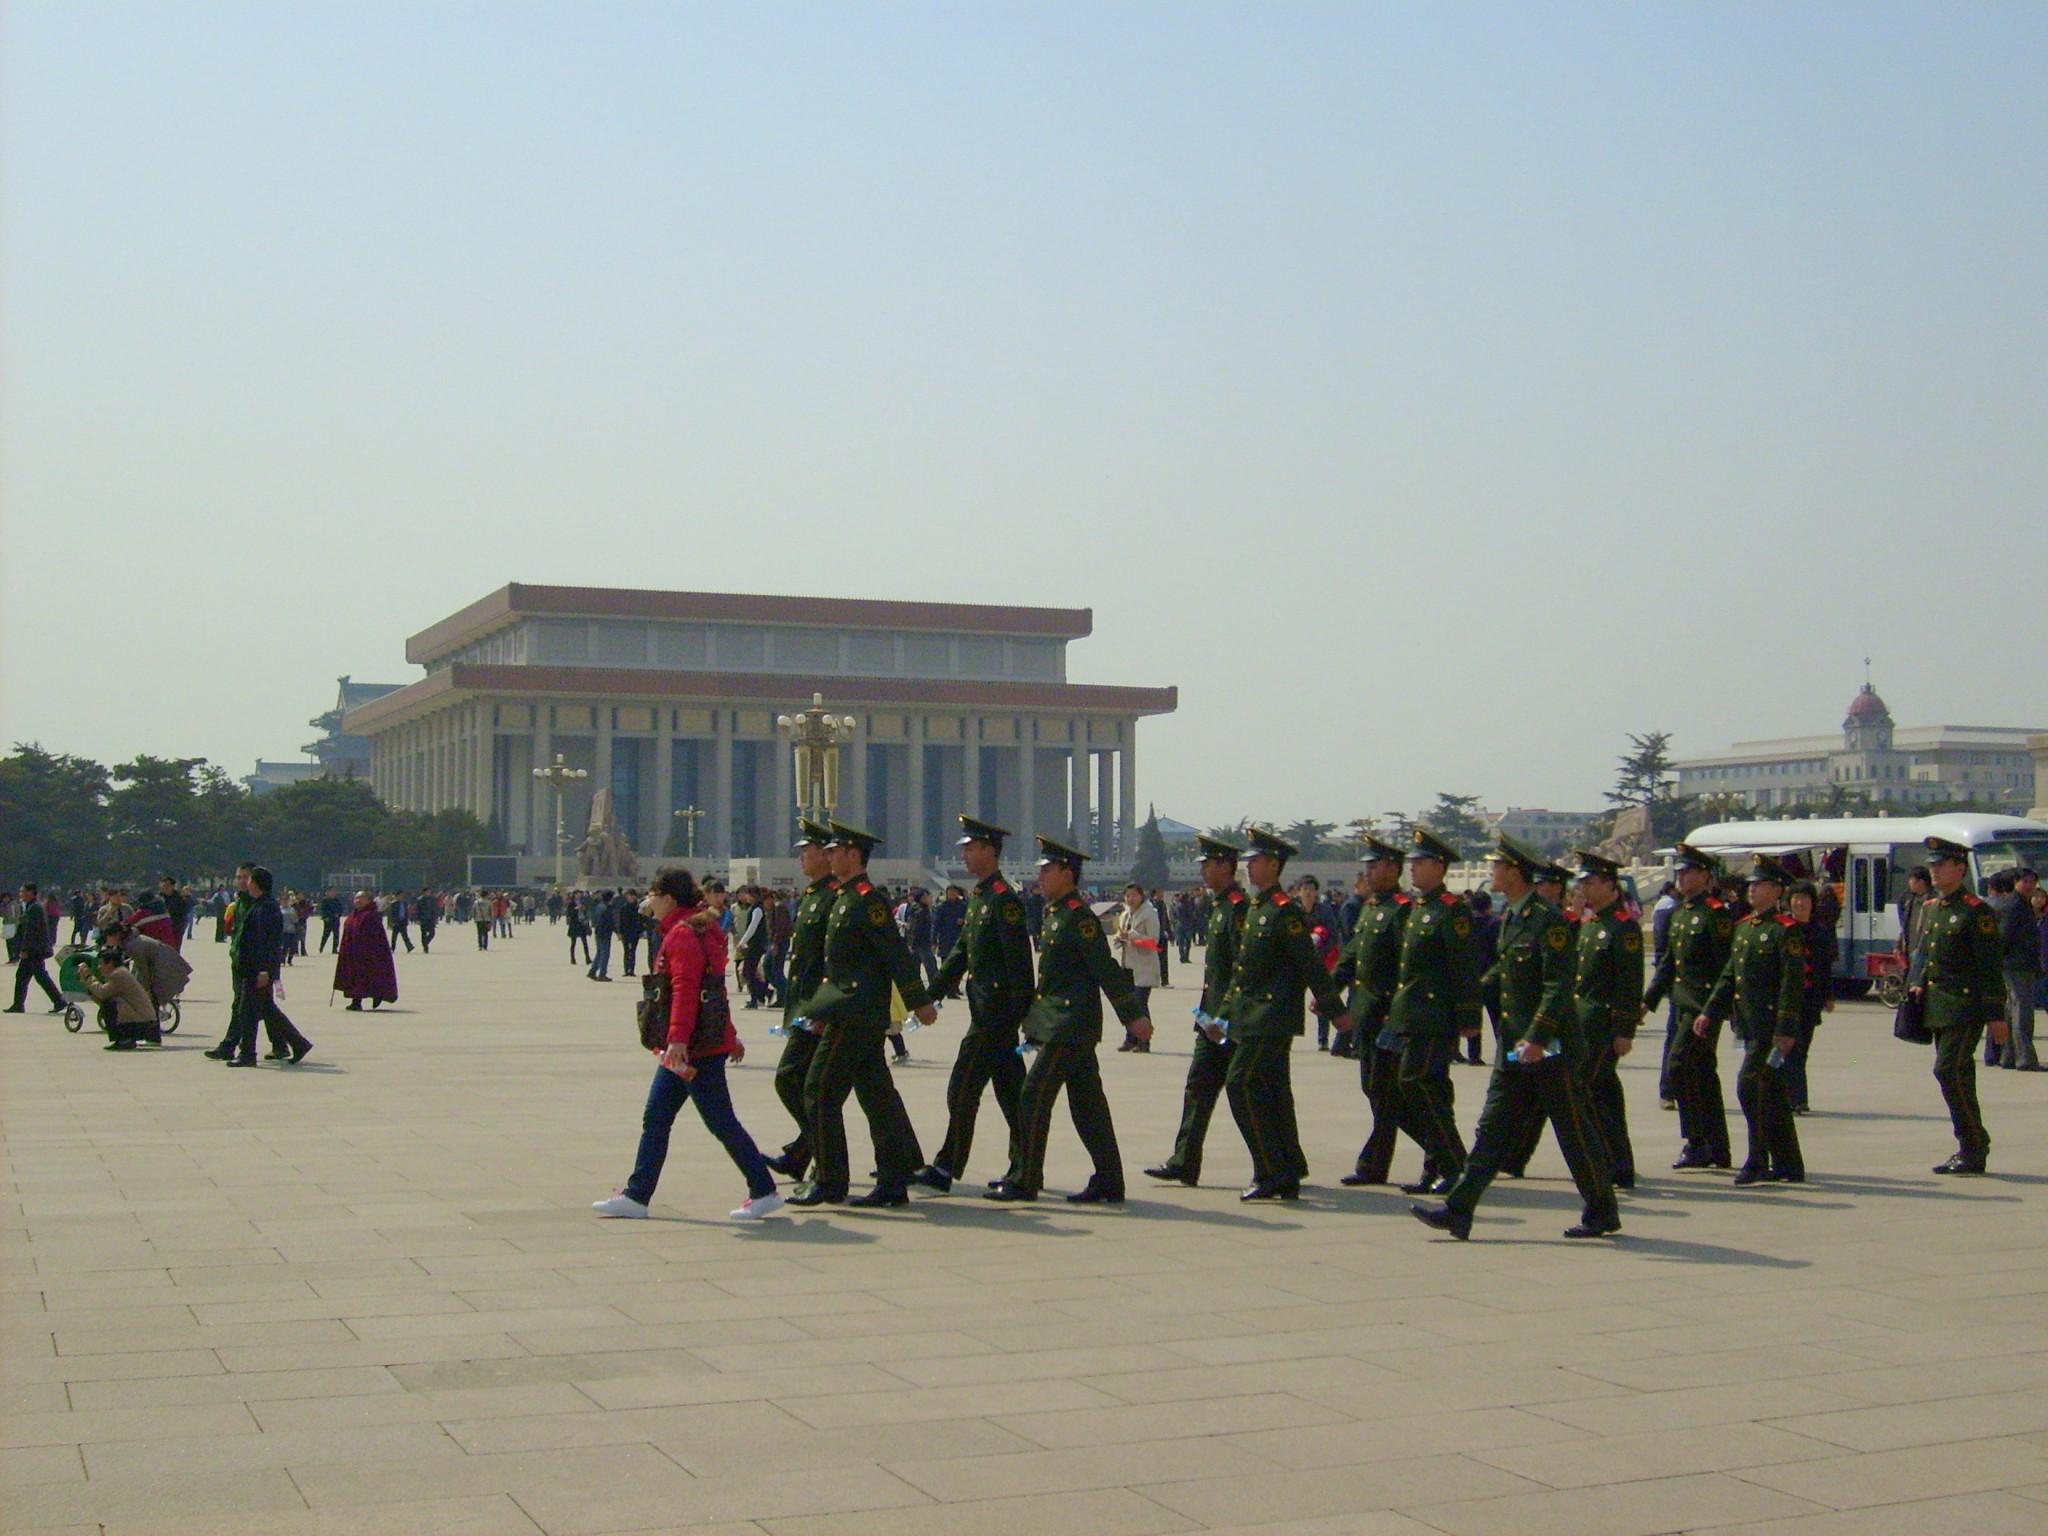 Tiananmen_aukio peking nähtävyydet taivaallisen rauhan aukio